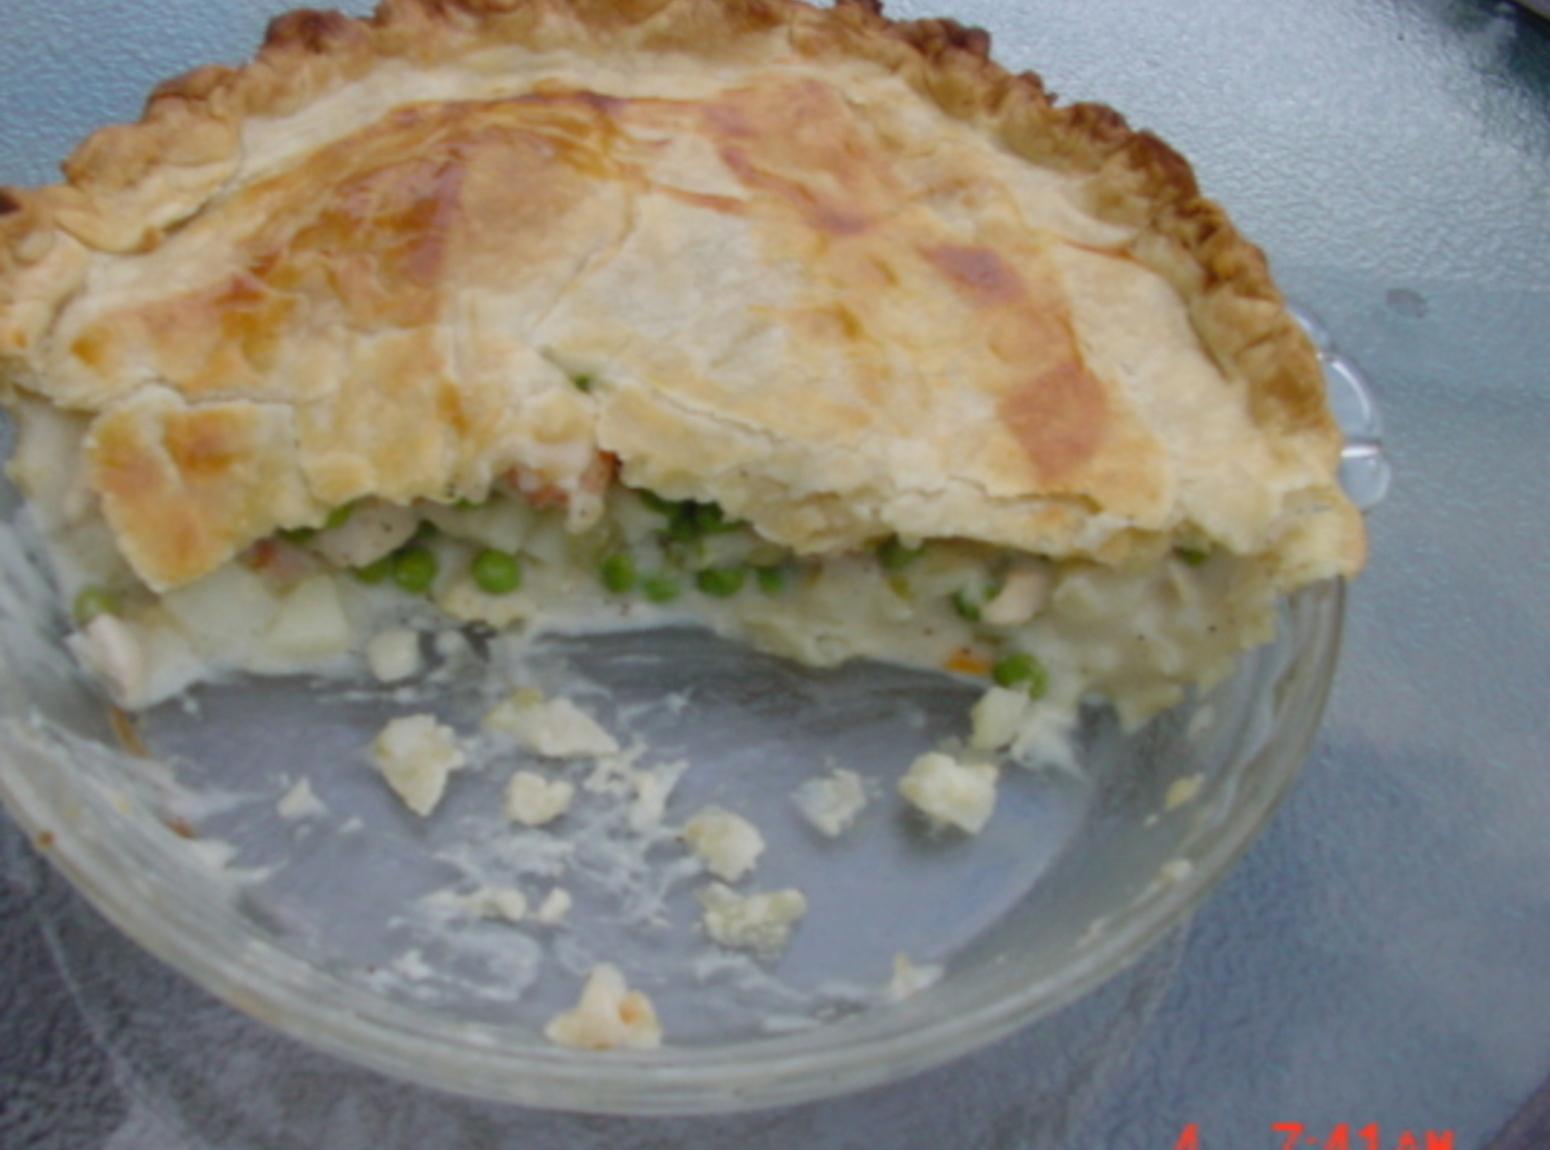 Best Chicken Pot Pie Recipe  The Best Chicken Pot Pie Recipe